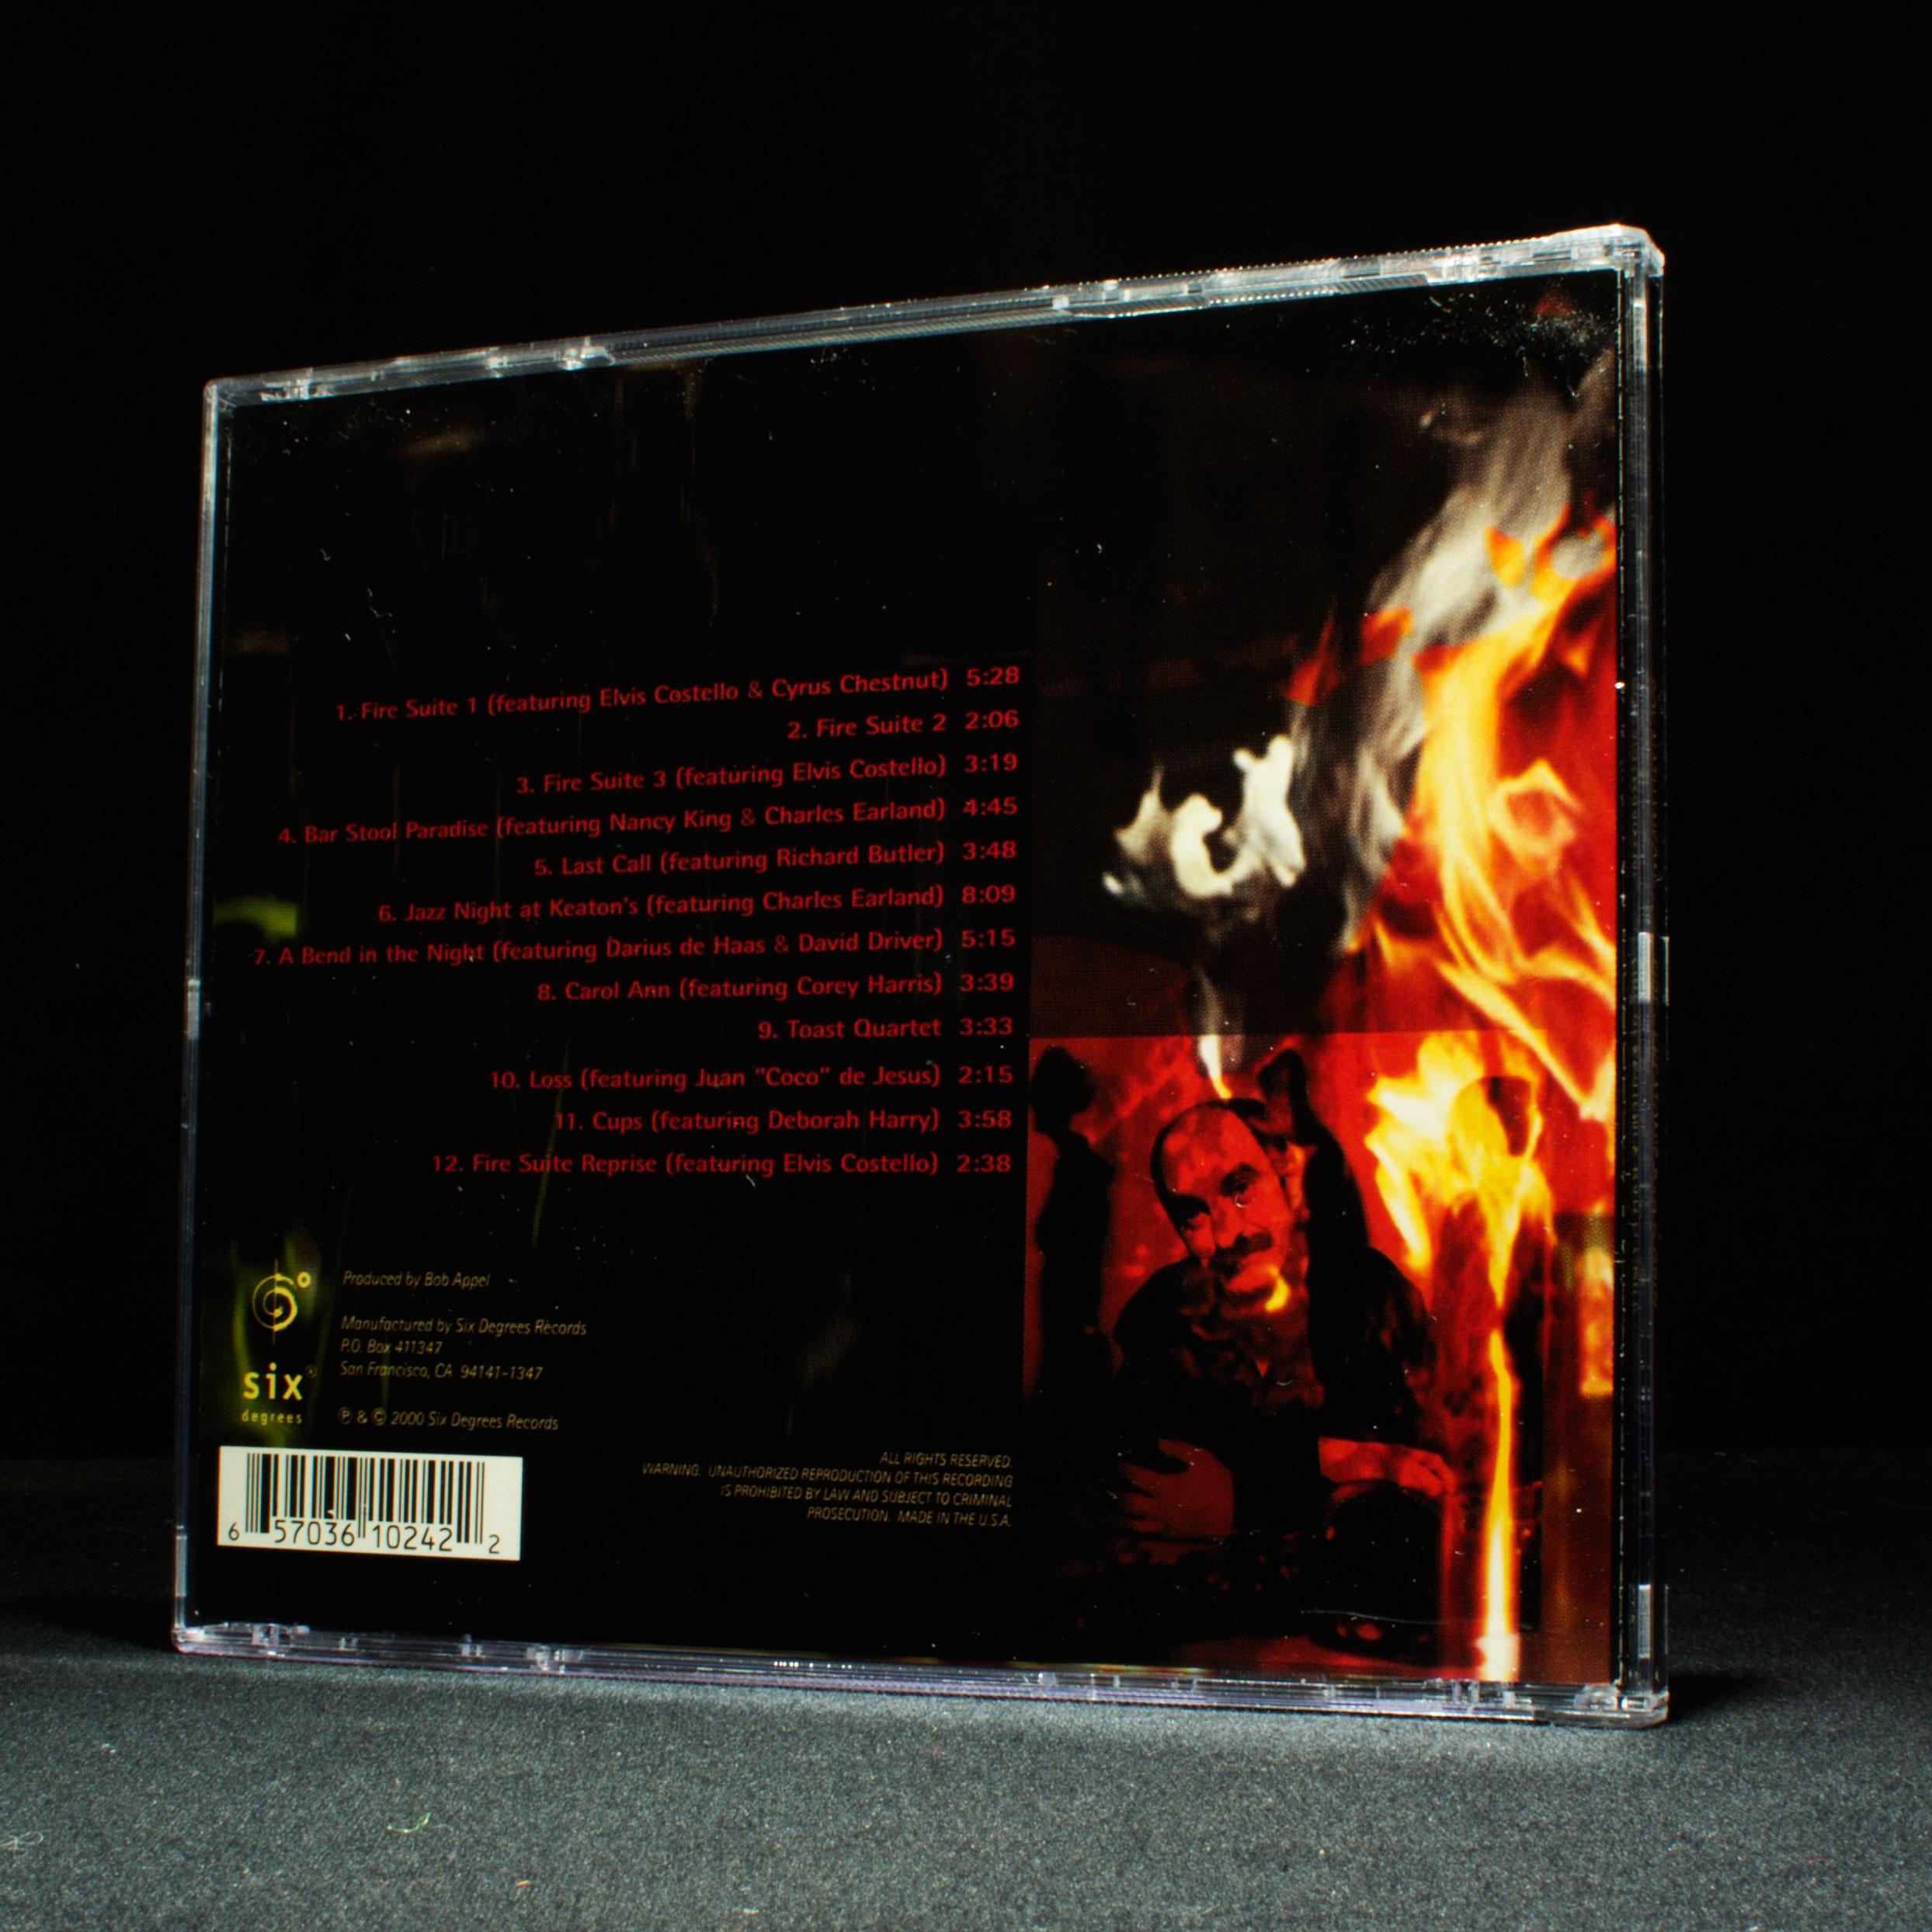 roy nathanson fire auf keaton 39 s verbindung und grill musik cd album ebay. Black Bedroom Furniture Sets. Home Design Ideas